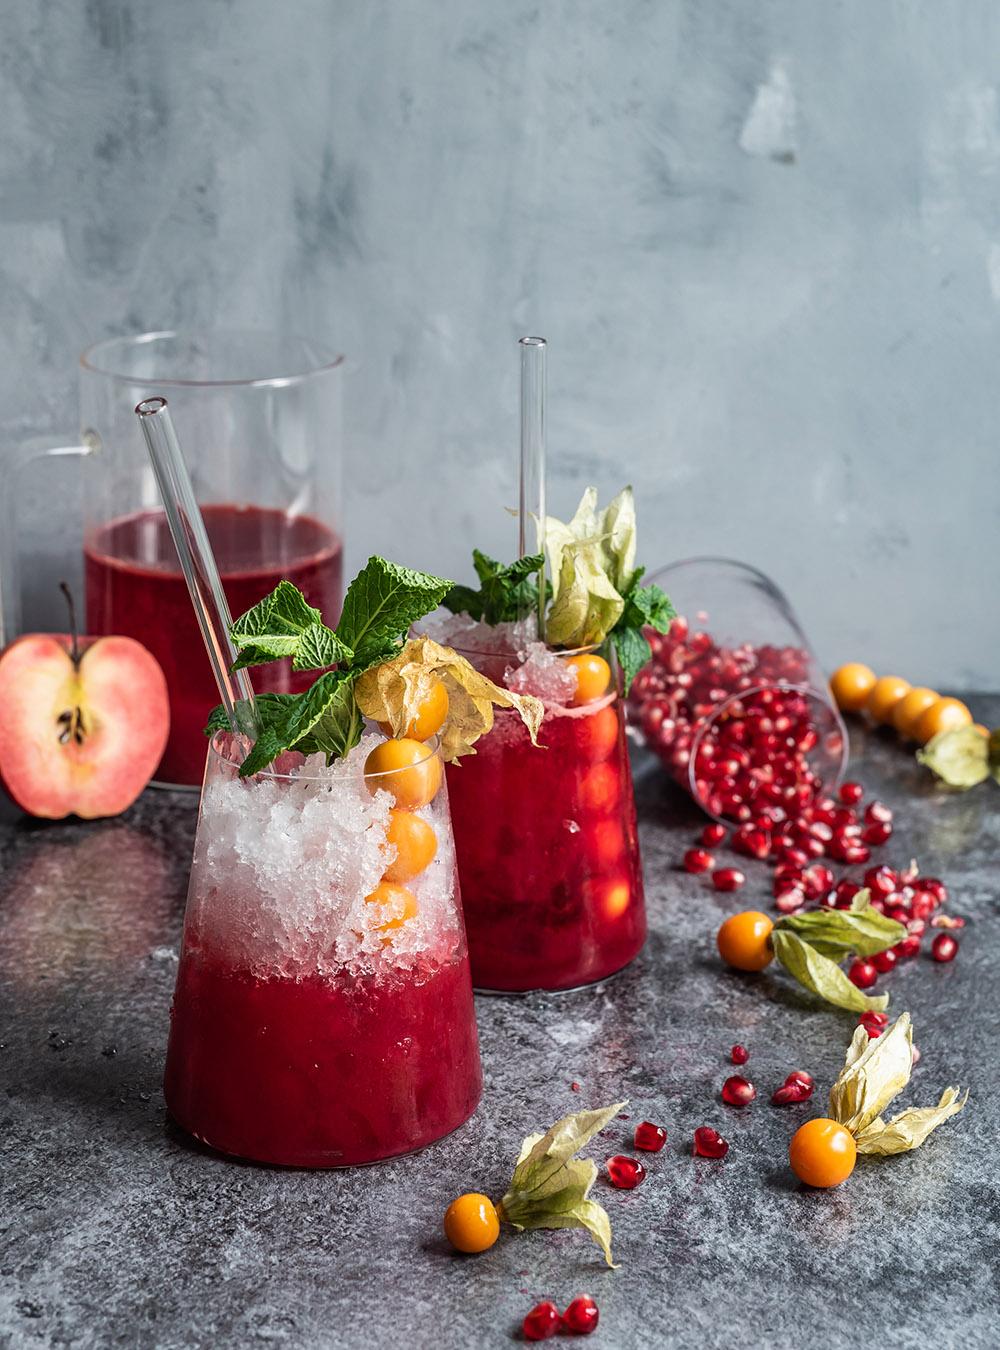 Winter Frucht Cocktail mit und ohne Rum - frischer Saft aus dem Bluicer